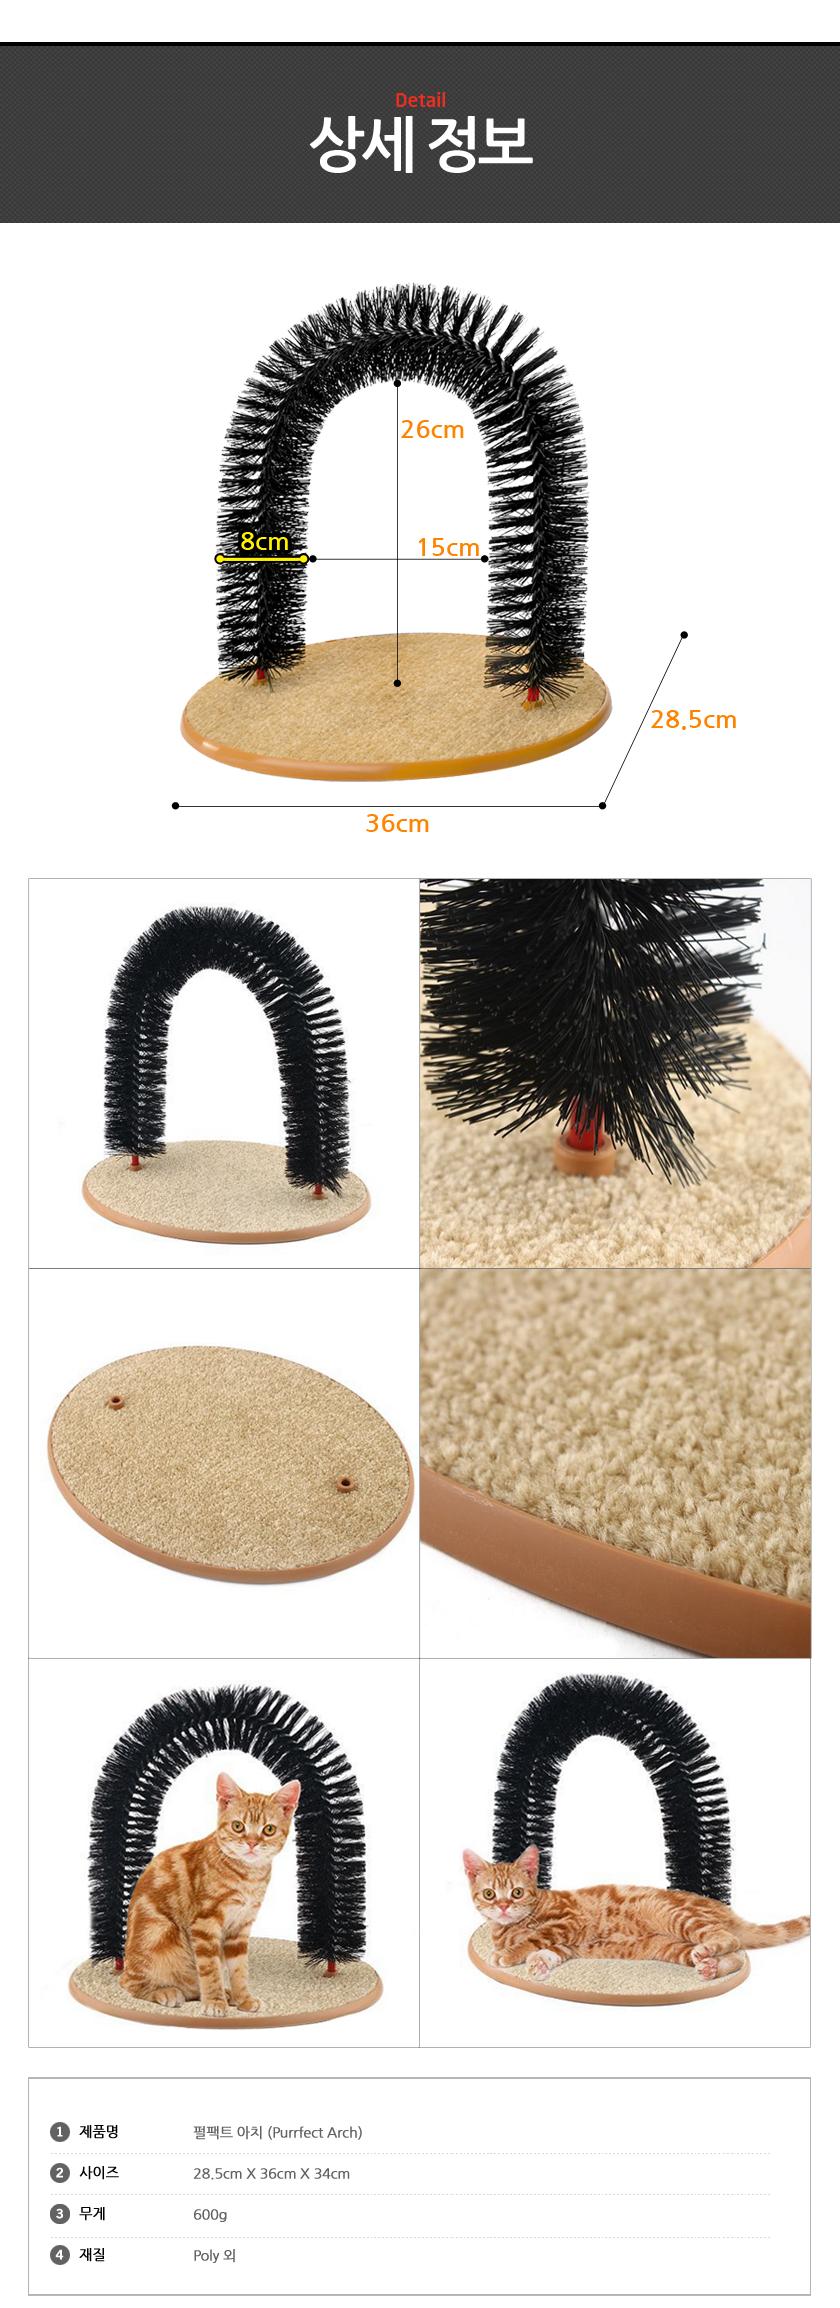 펄팩트 아치 Purrfect arch22,000원-하이디아펫샵, 고양이용품, 미용/목욕용품, 브러쉬바보사랑펄팩트 아치 Purrfect arch22,000원-하이디아펫샵, 고양이용품, 미용/목욕용품, 브러쉬바보사랑